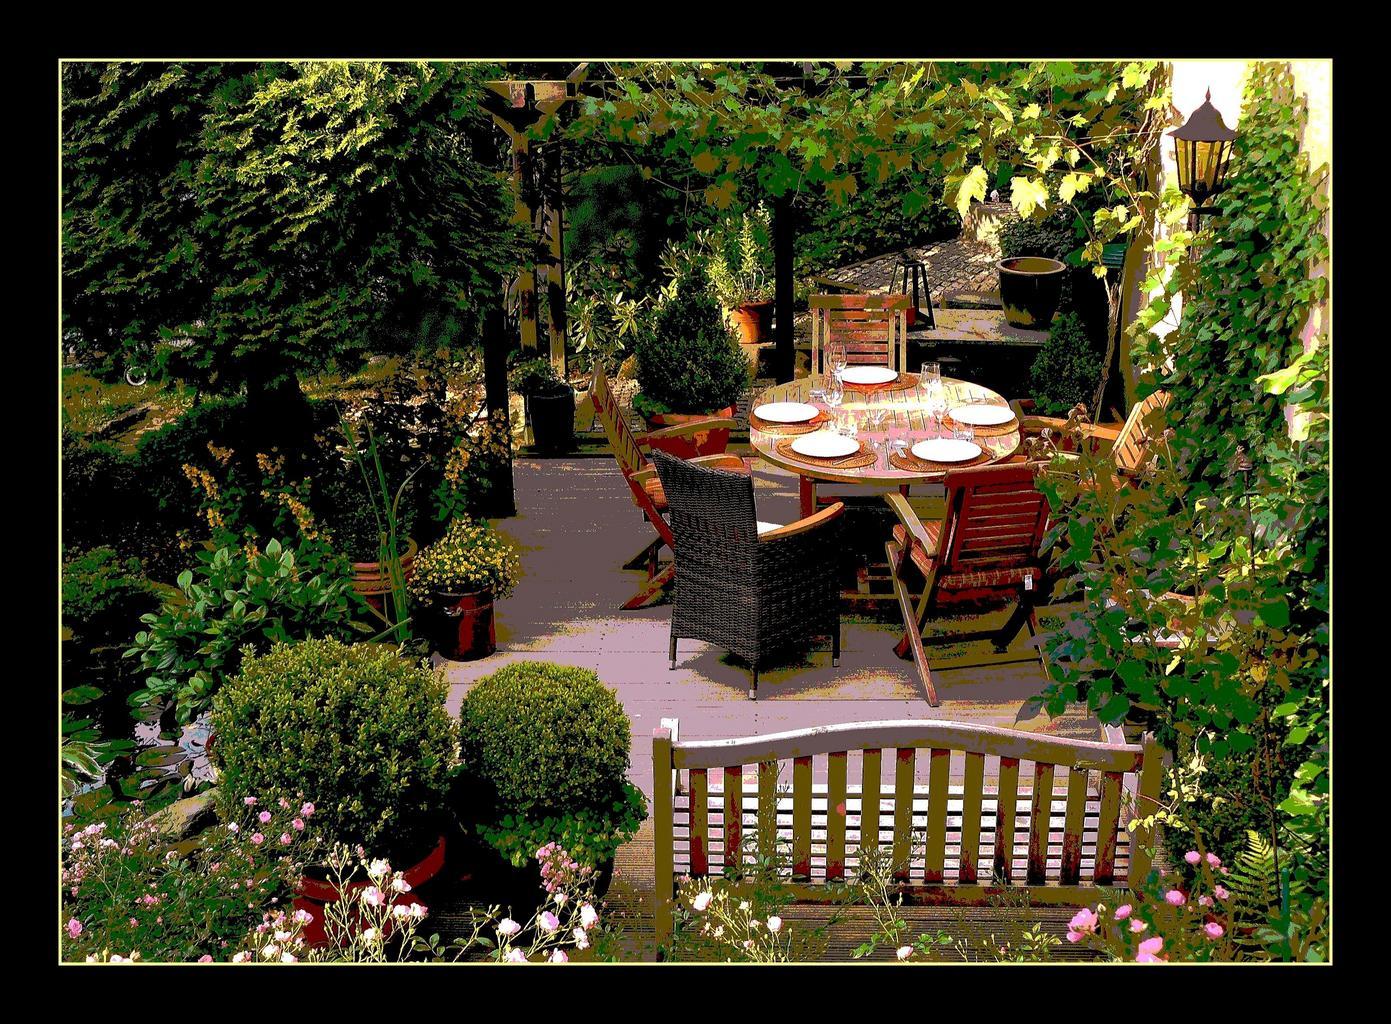 Květiny na terasách, balkónech, verandách i v zahradě